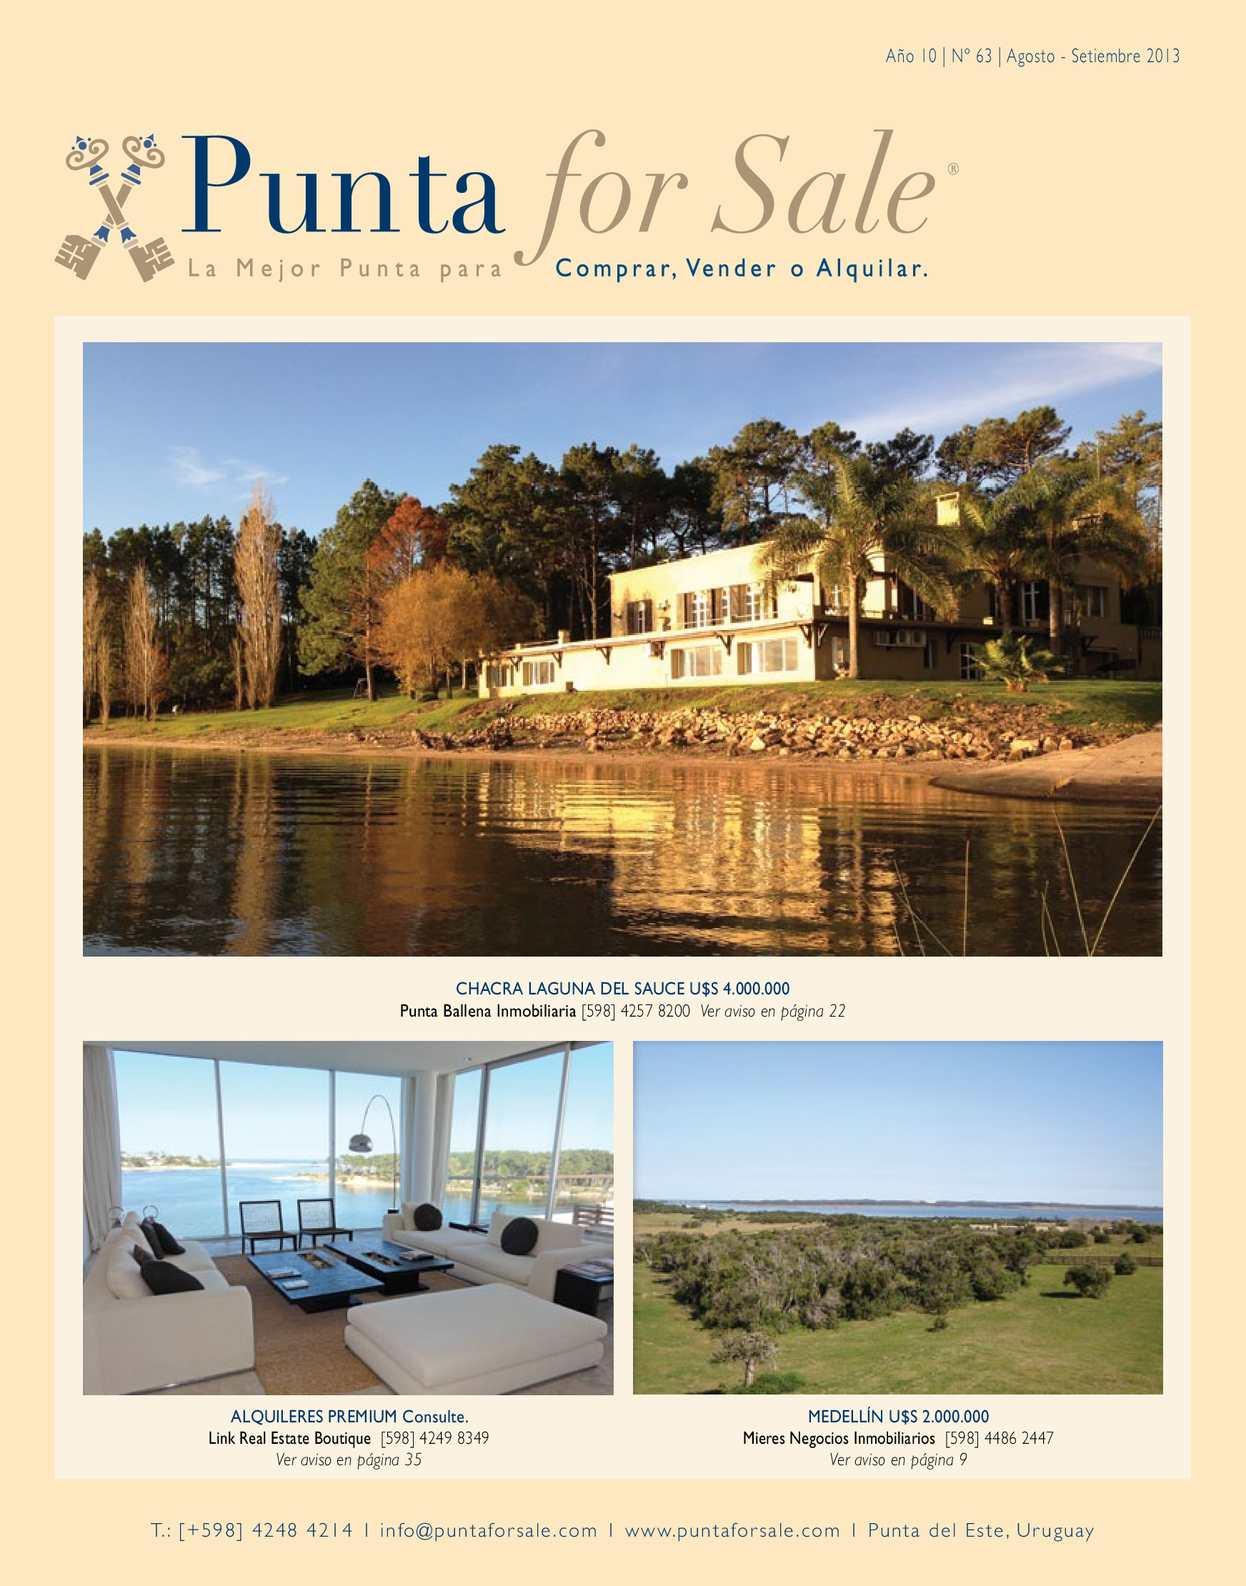 calaméo - punta for sale #63 agosto-septiembre 2013